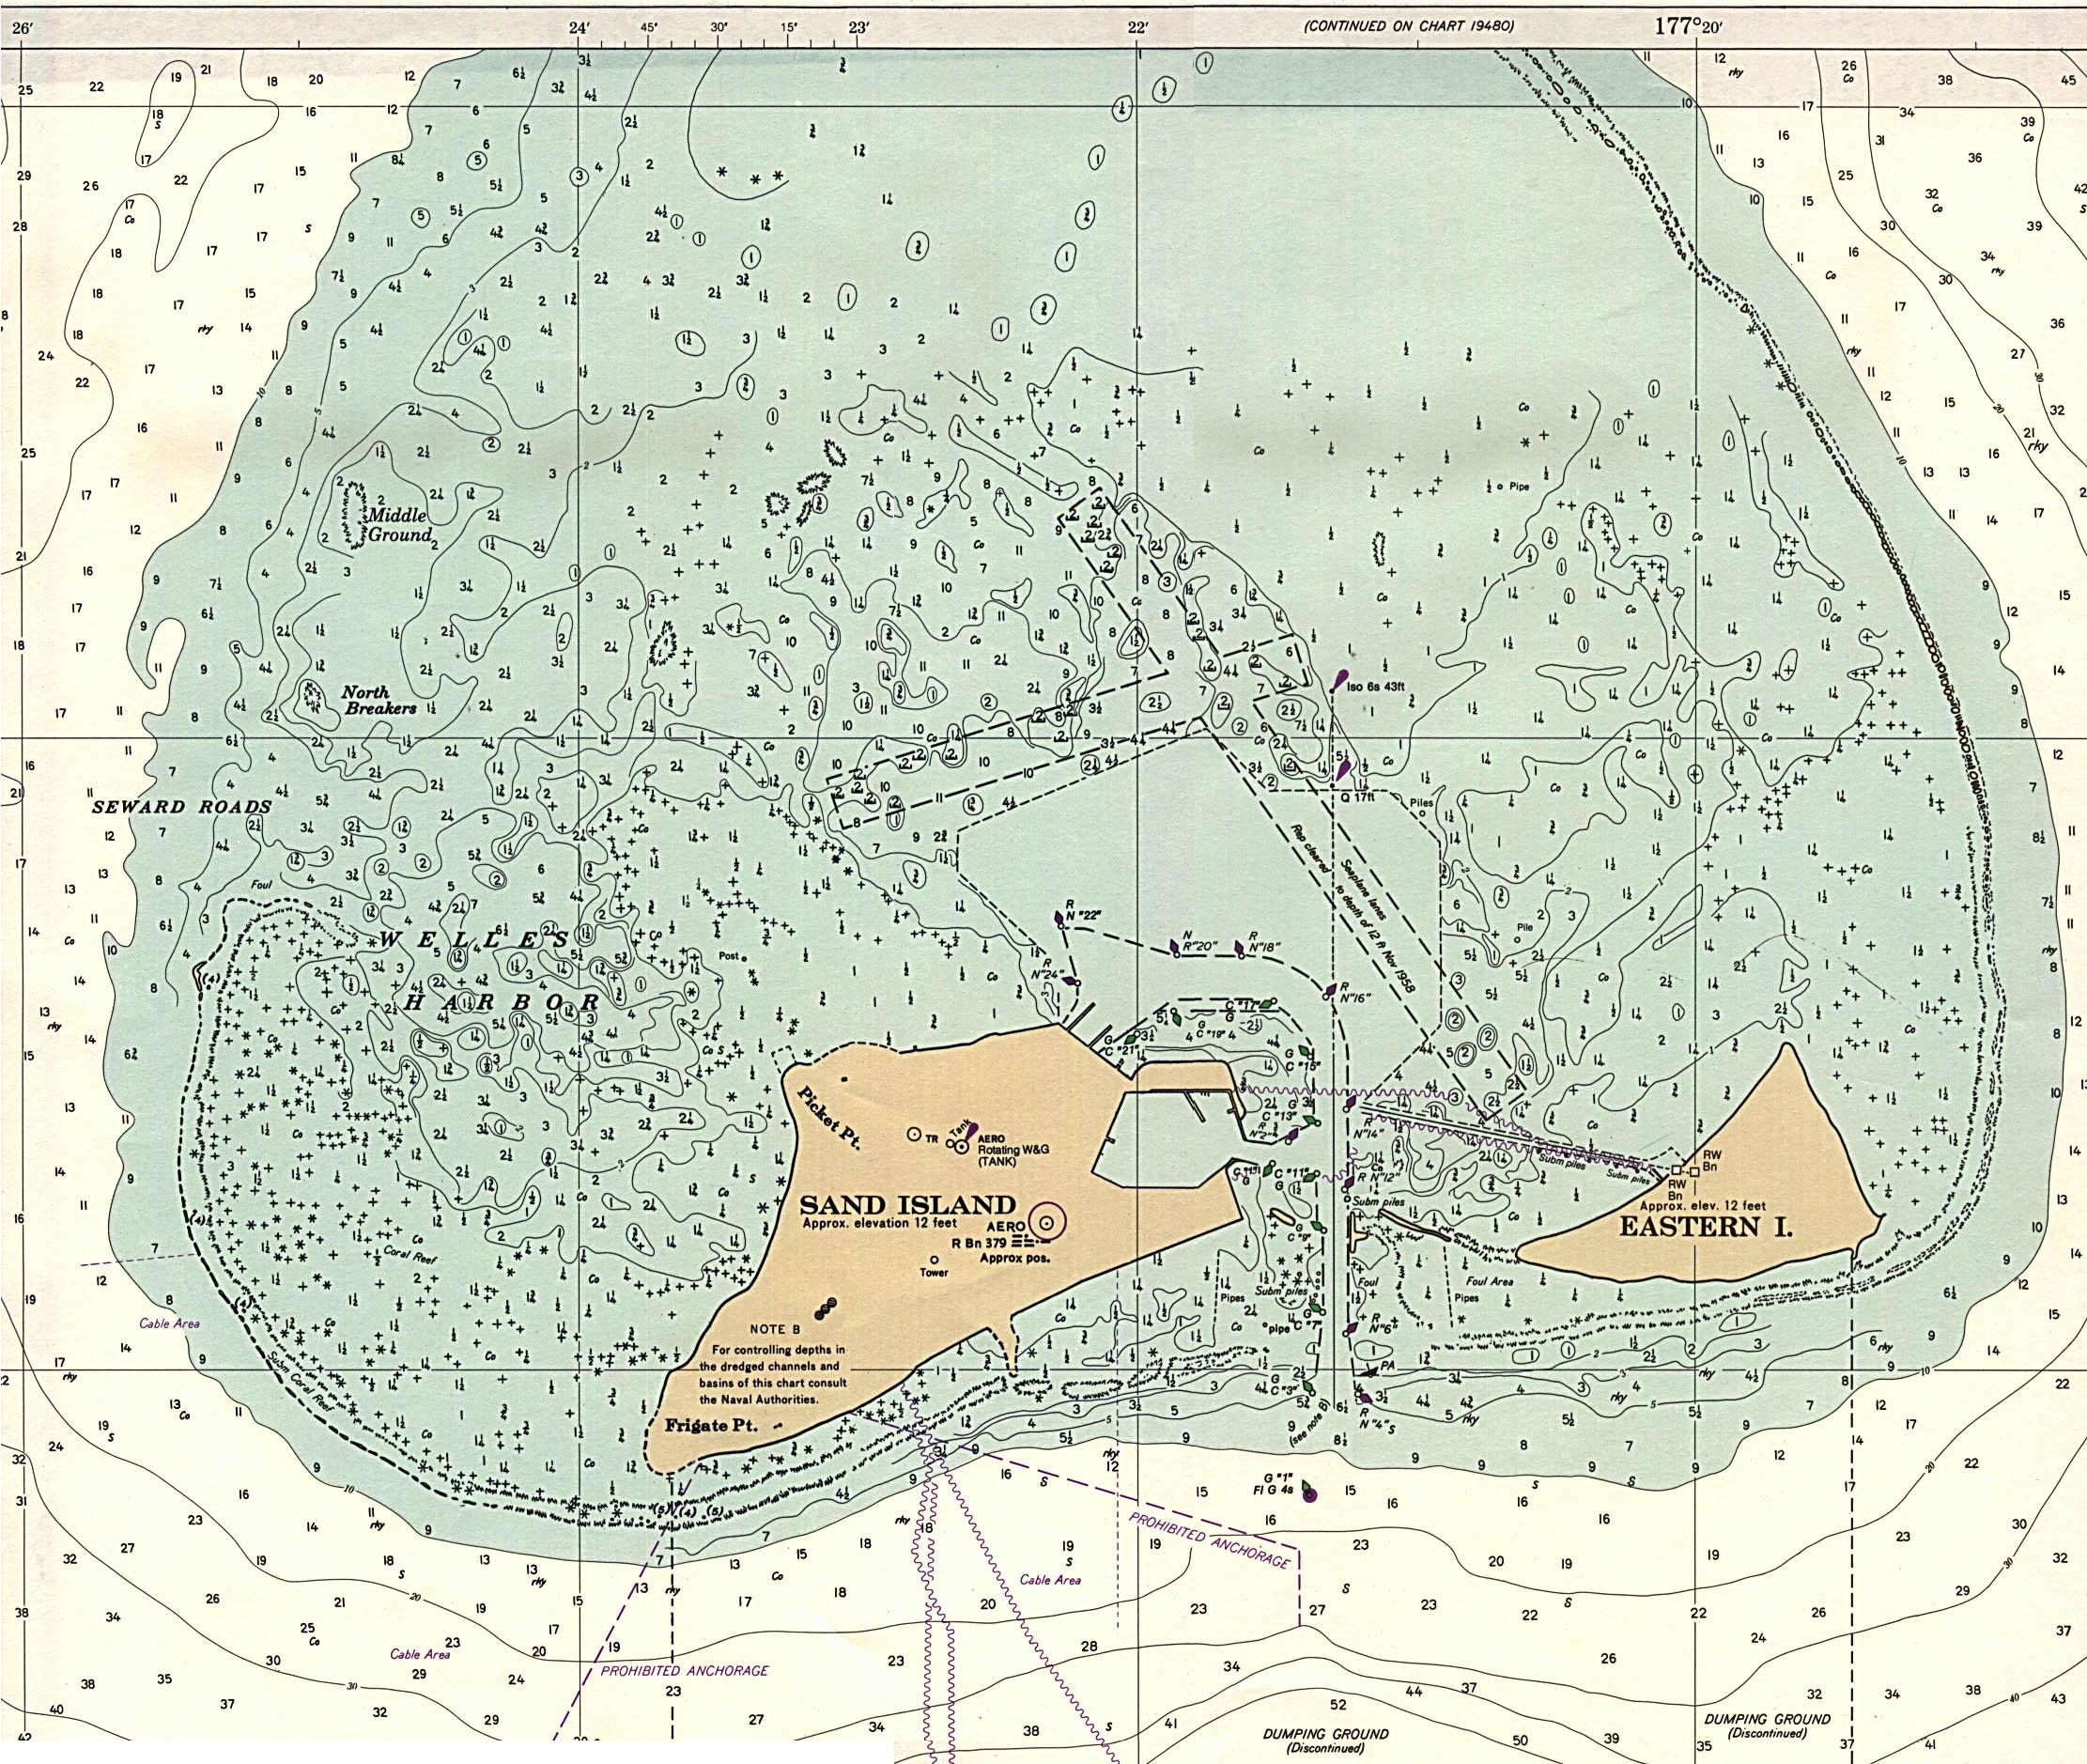 Carta Náutica de las Islas Midway, Estados Unidos